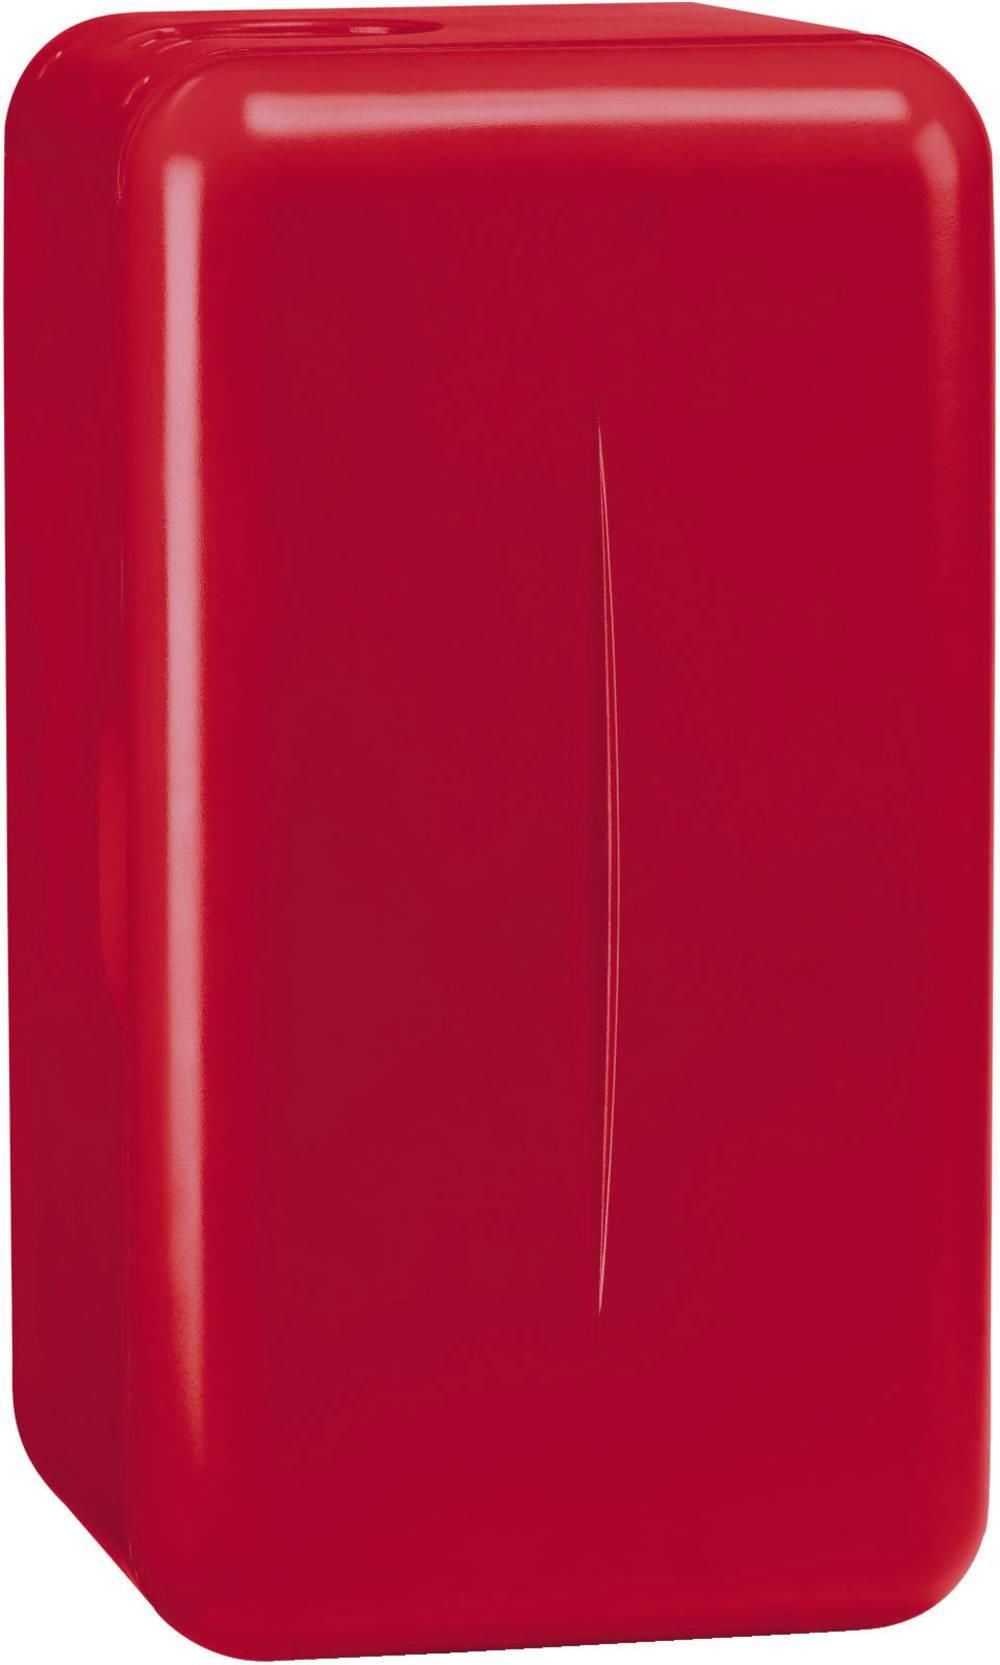 Minikøleskab/Party-cooler MobiCool F16 230 V Rød 14 l